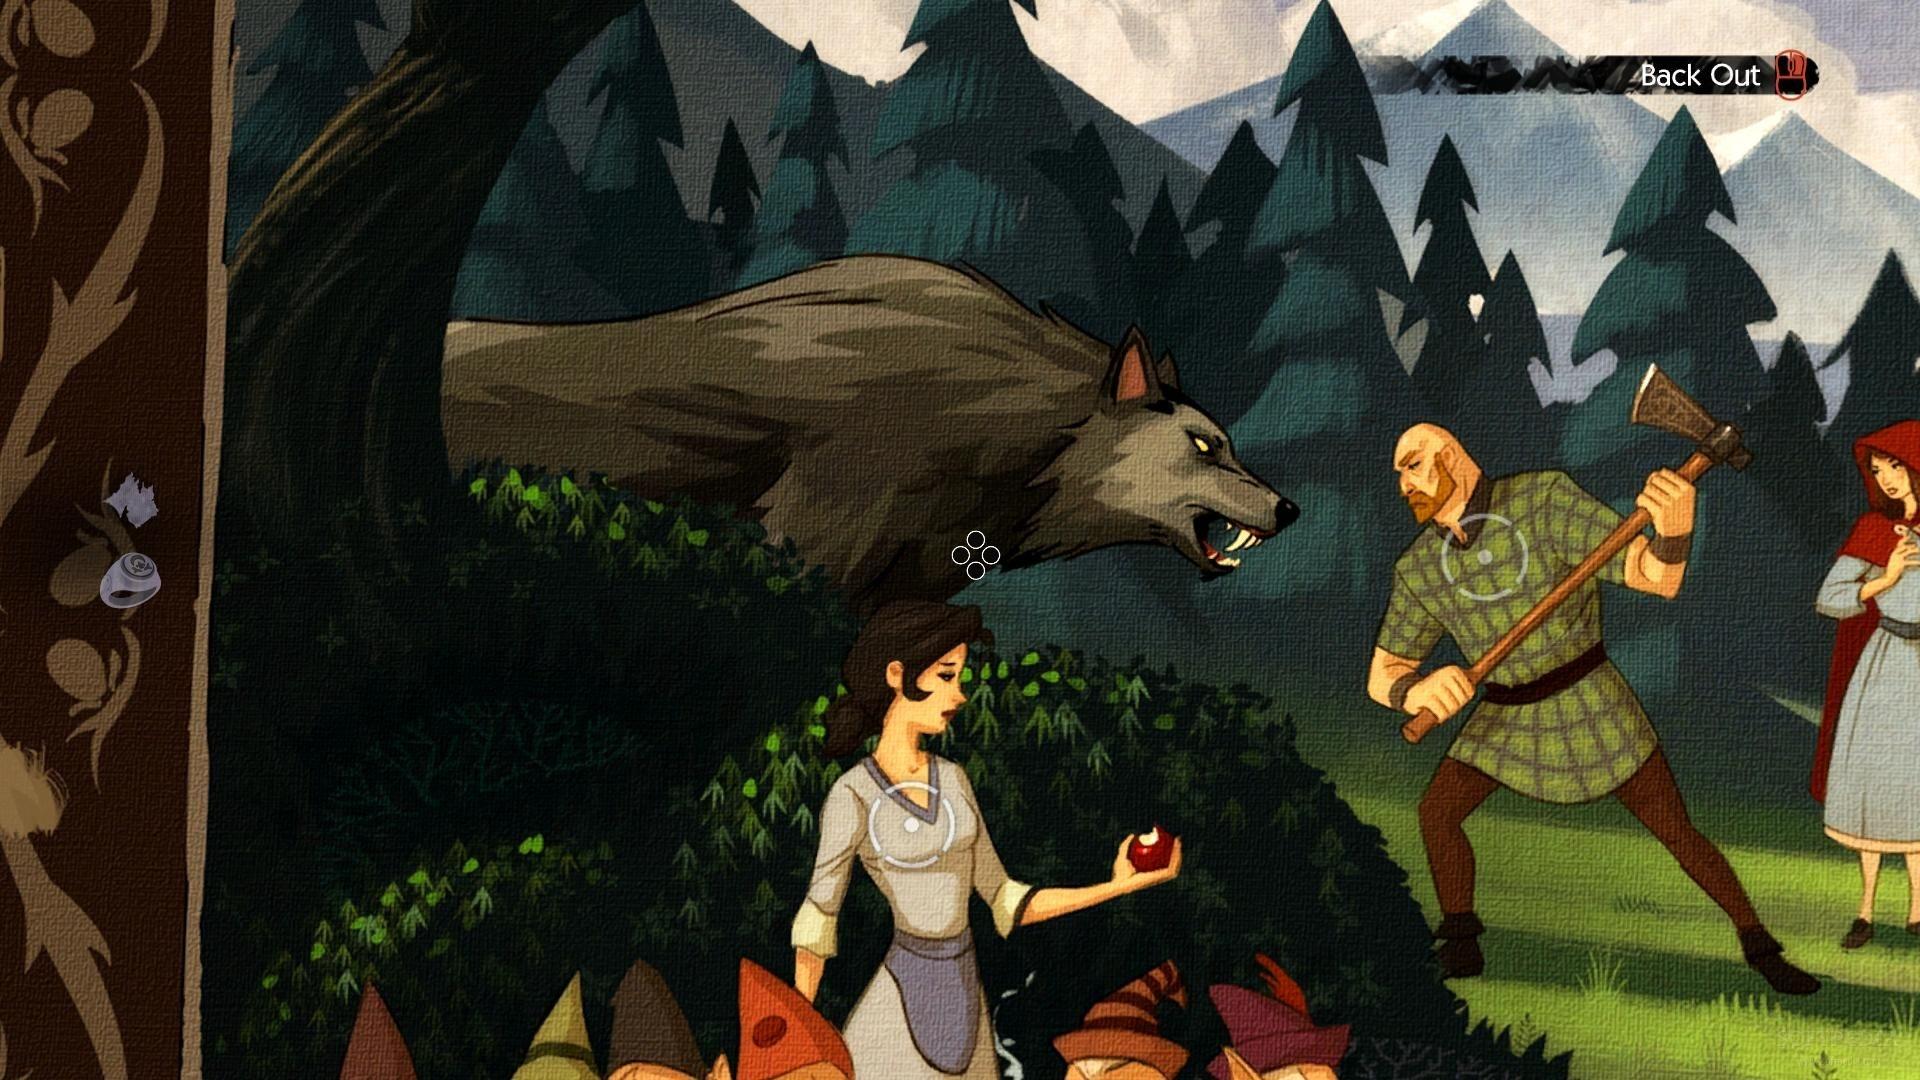 THE WOLF AMONG US game dark werewolf fantasy g wallpaper background 1920x1080